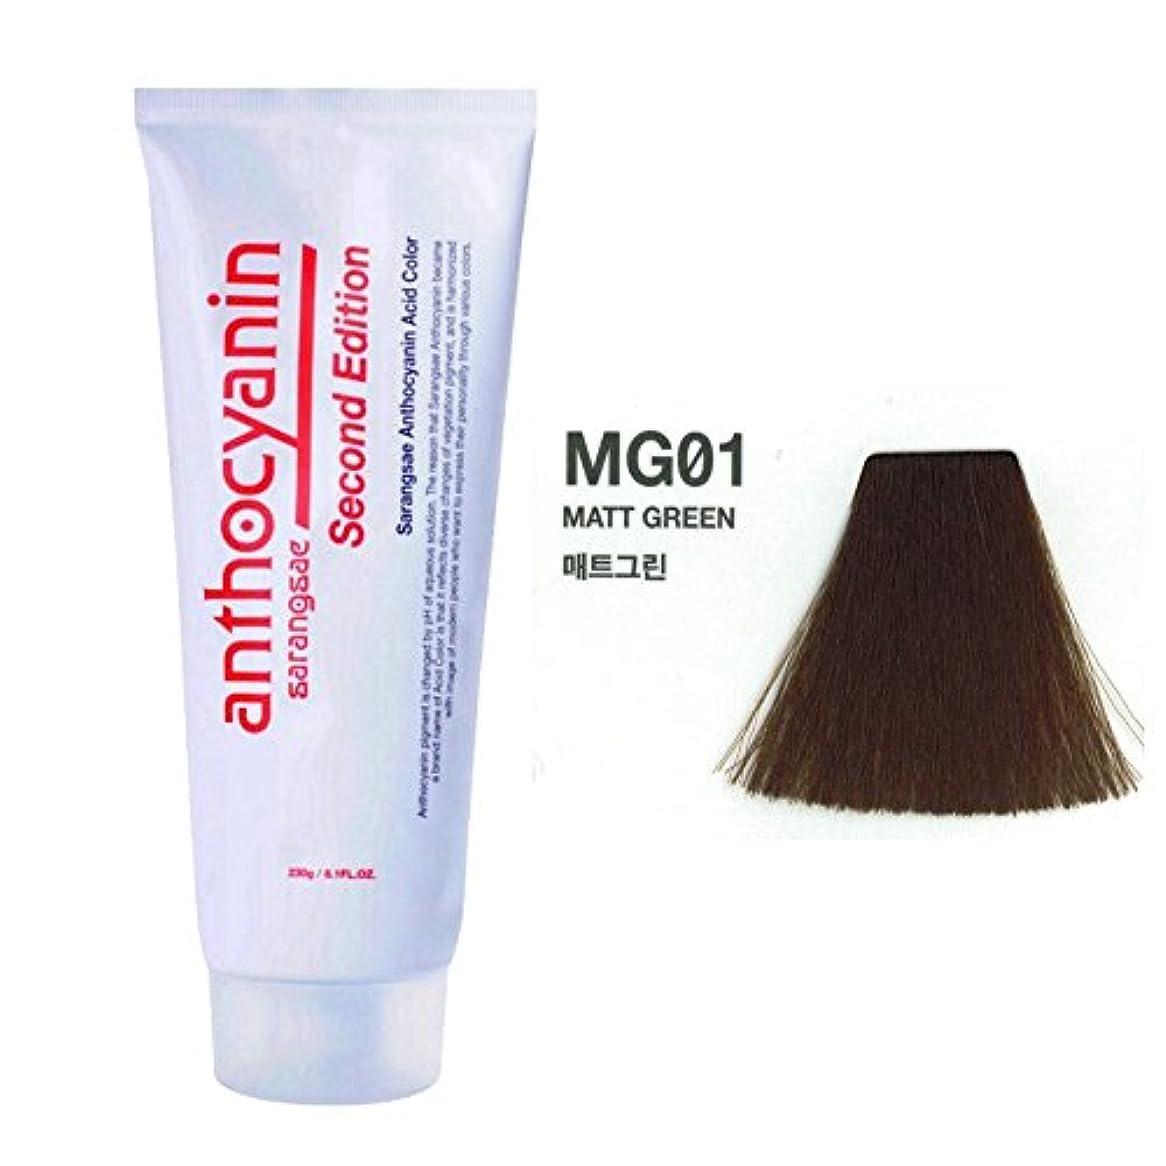 虚栄心状況野球ヘア マニキュア カラー セカンド エディション 230g セミ パーマネント 染毛剤 (Hair Manicure Color Second Edition 230g Semi Permanent Hair Dye) [並行輸入品] (MG01 Marr Green)